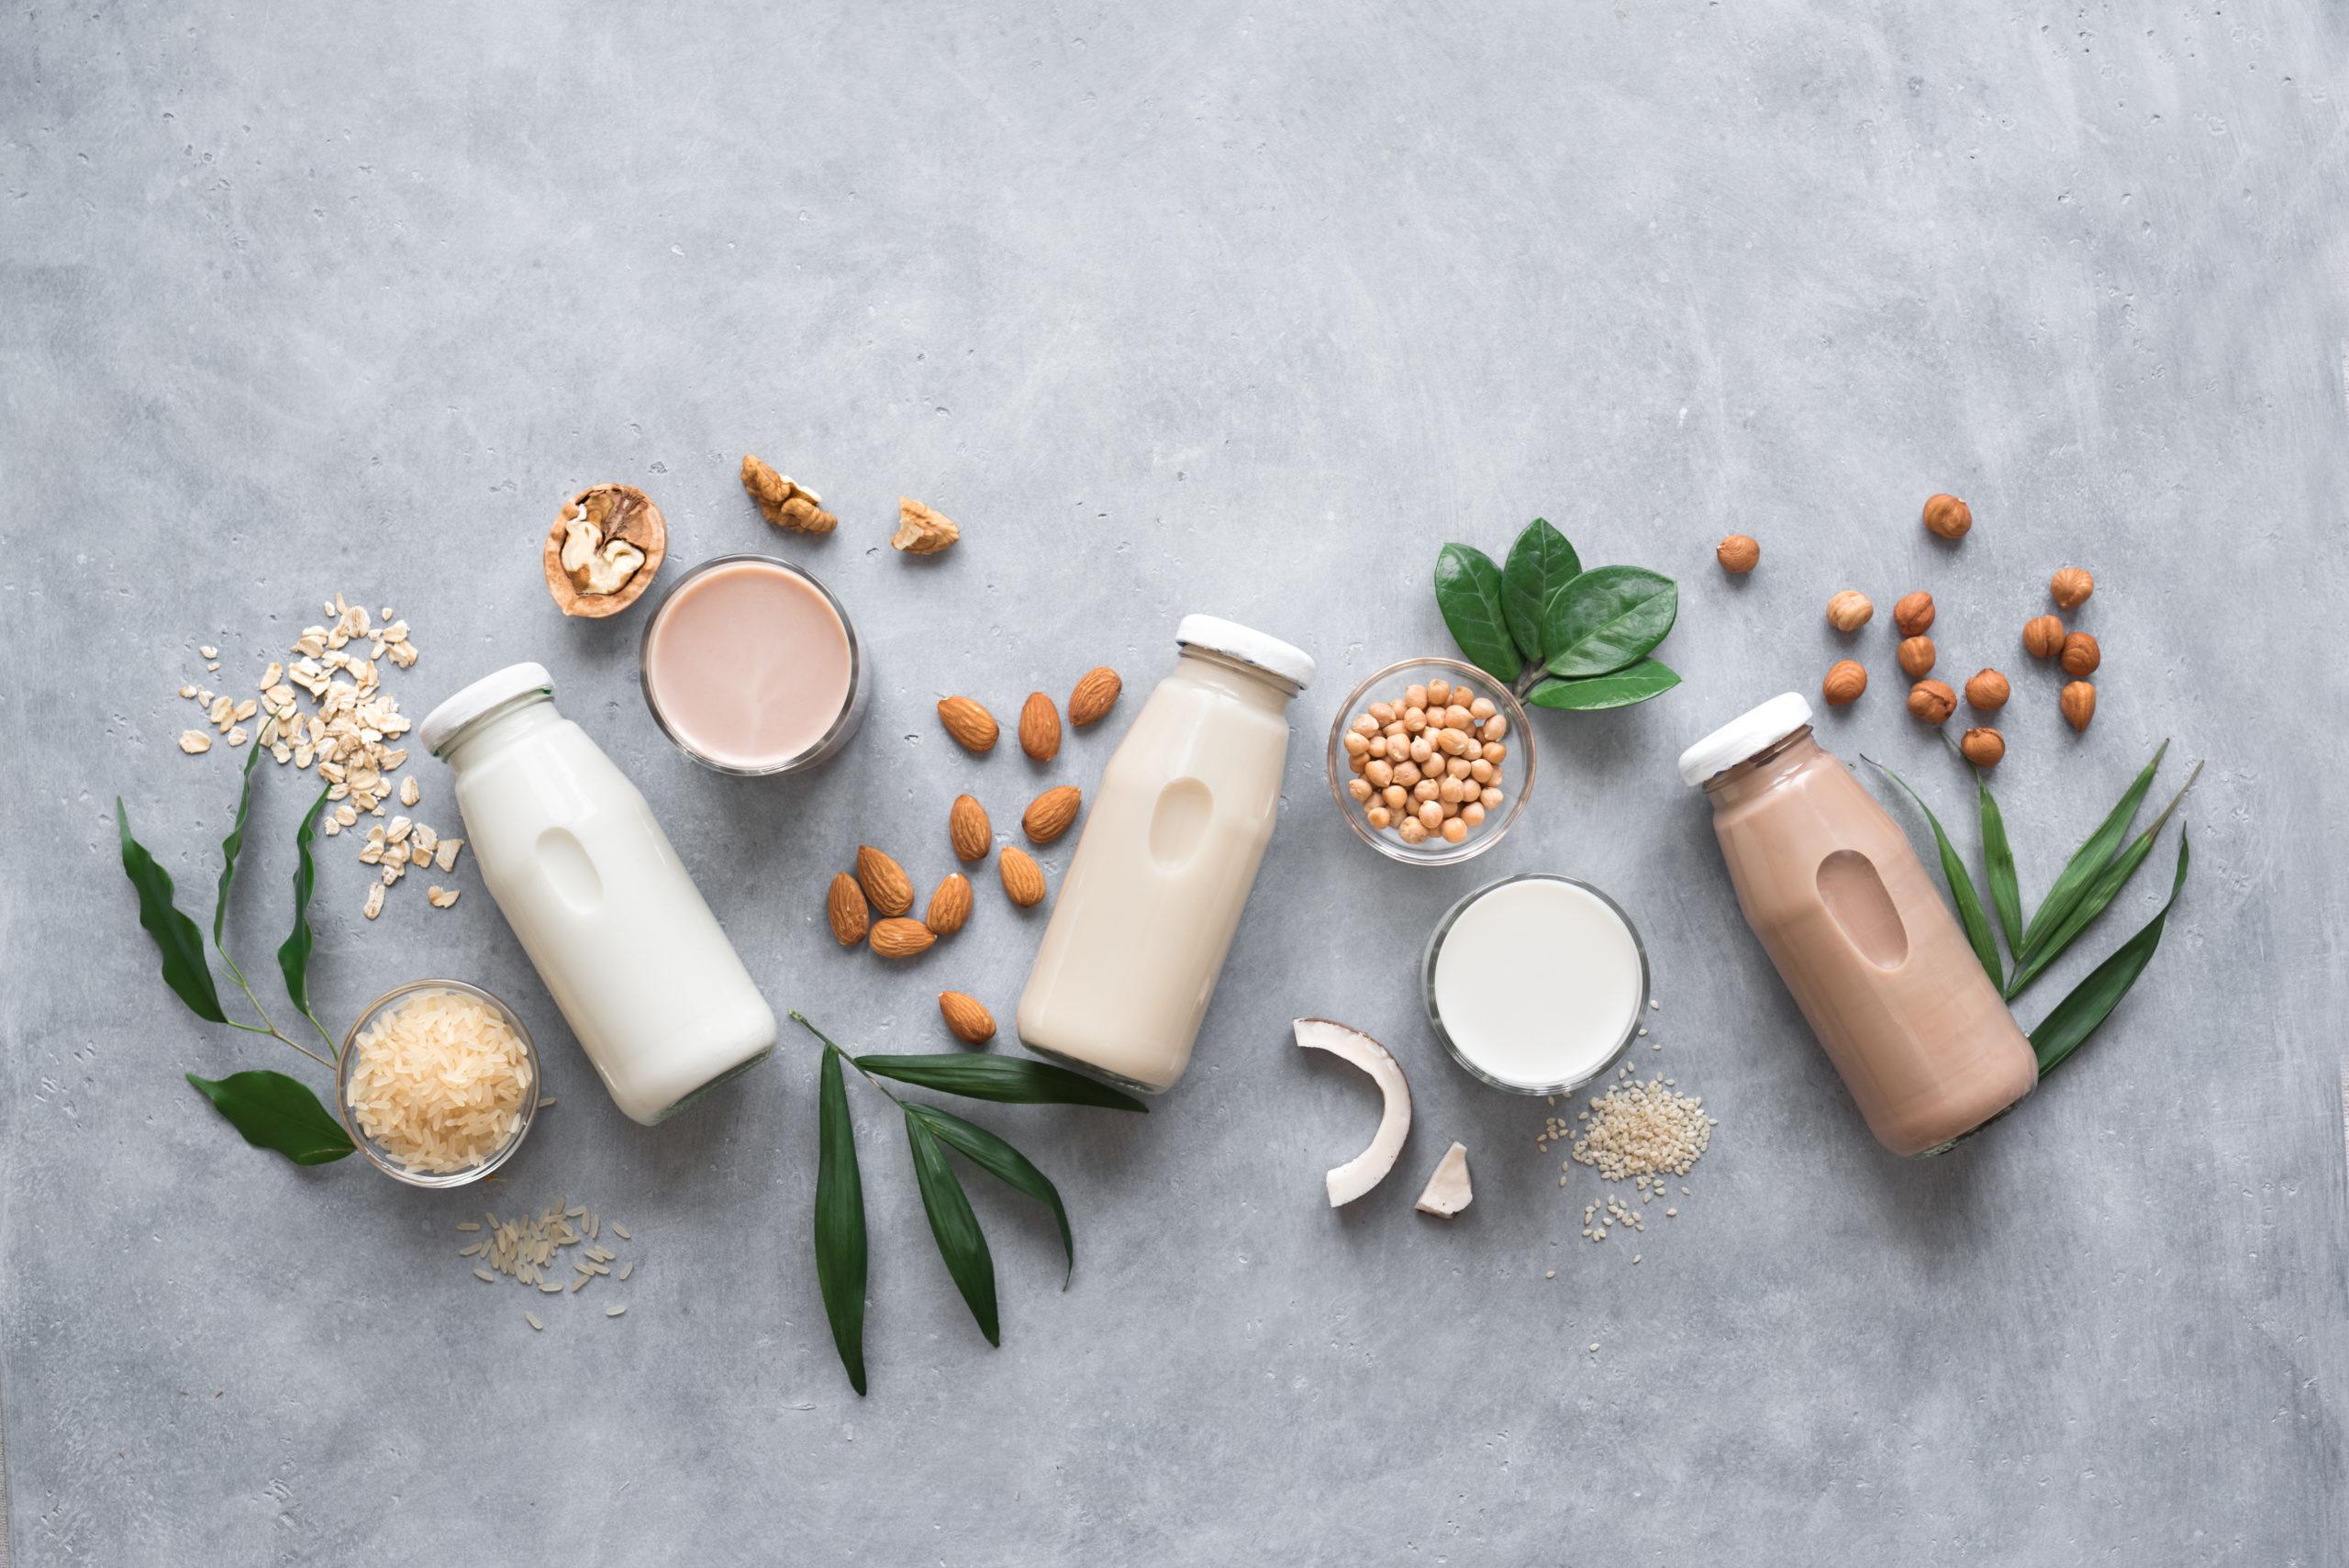 ¿Cómo sé si las leches vegetales son para mí? Aquí una breve guía